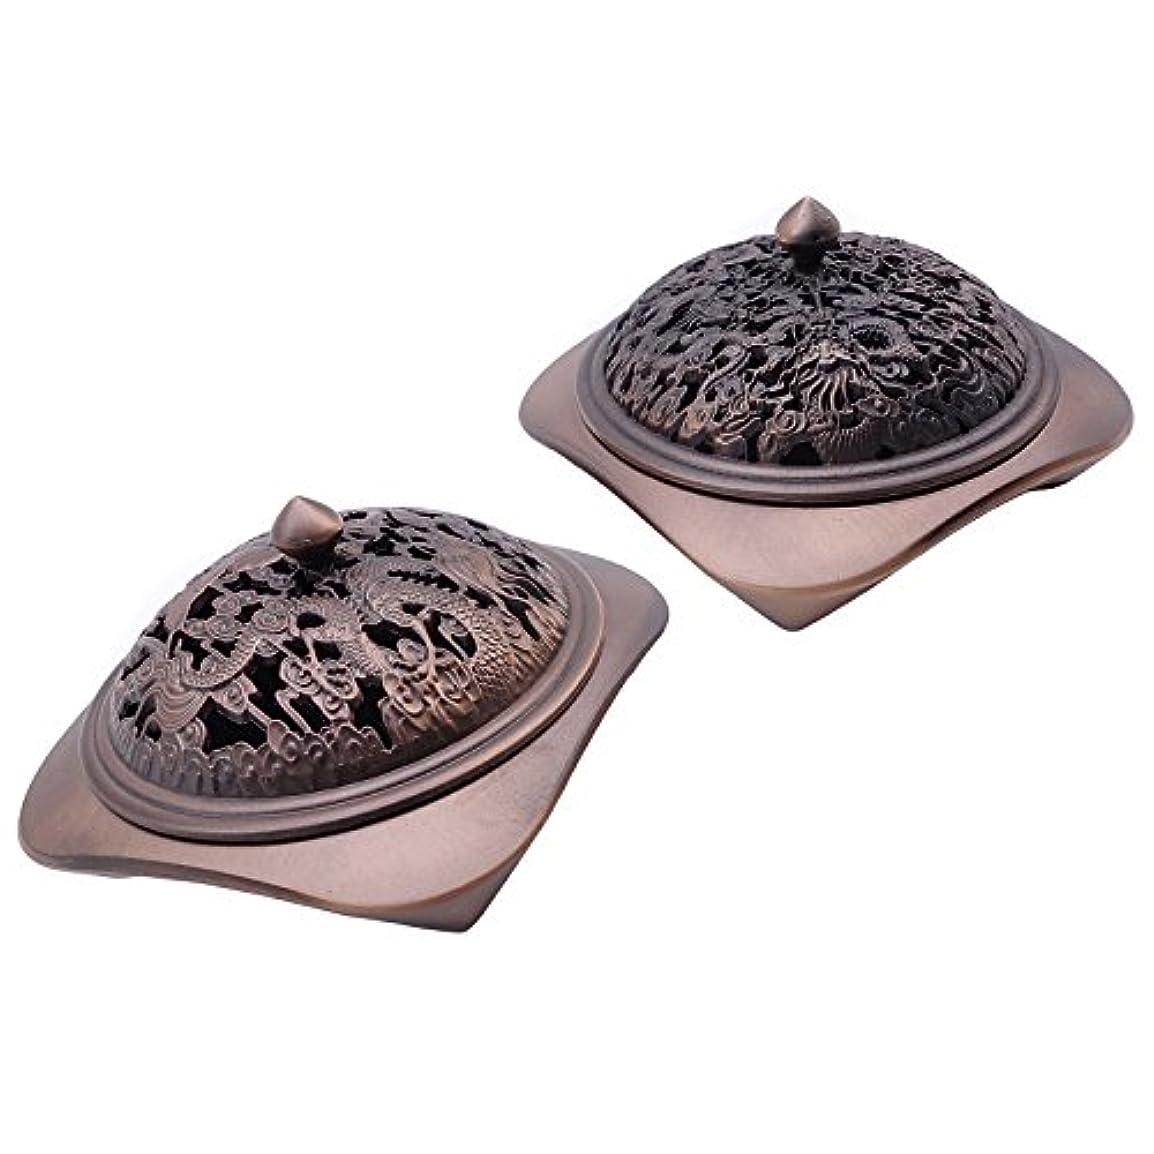 プロペラダブル一目TrendBox – ヴィンテージデザインブロンズIncense円錐炉サンダルウッドプレートホルダーコイルBurner AshキャッチャーChinese TraditionalスタイルBuddhist Washable